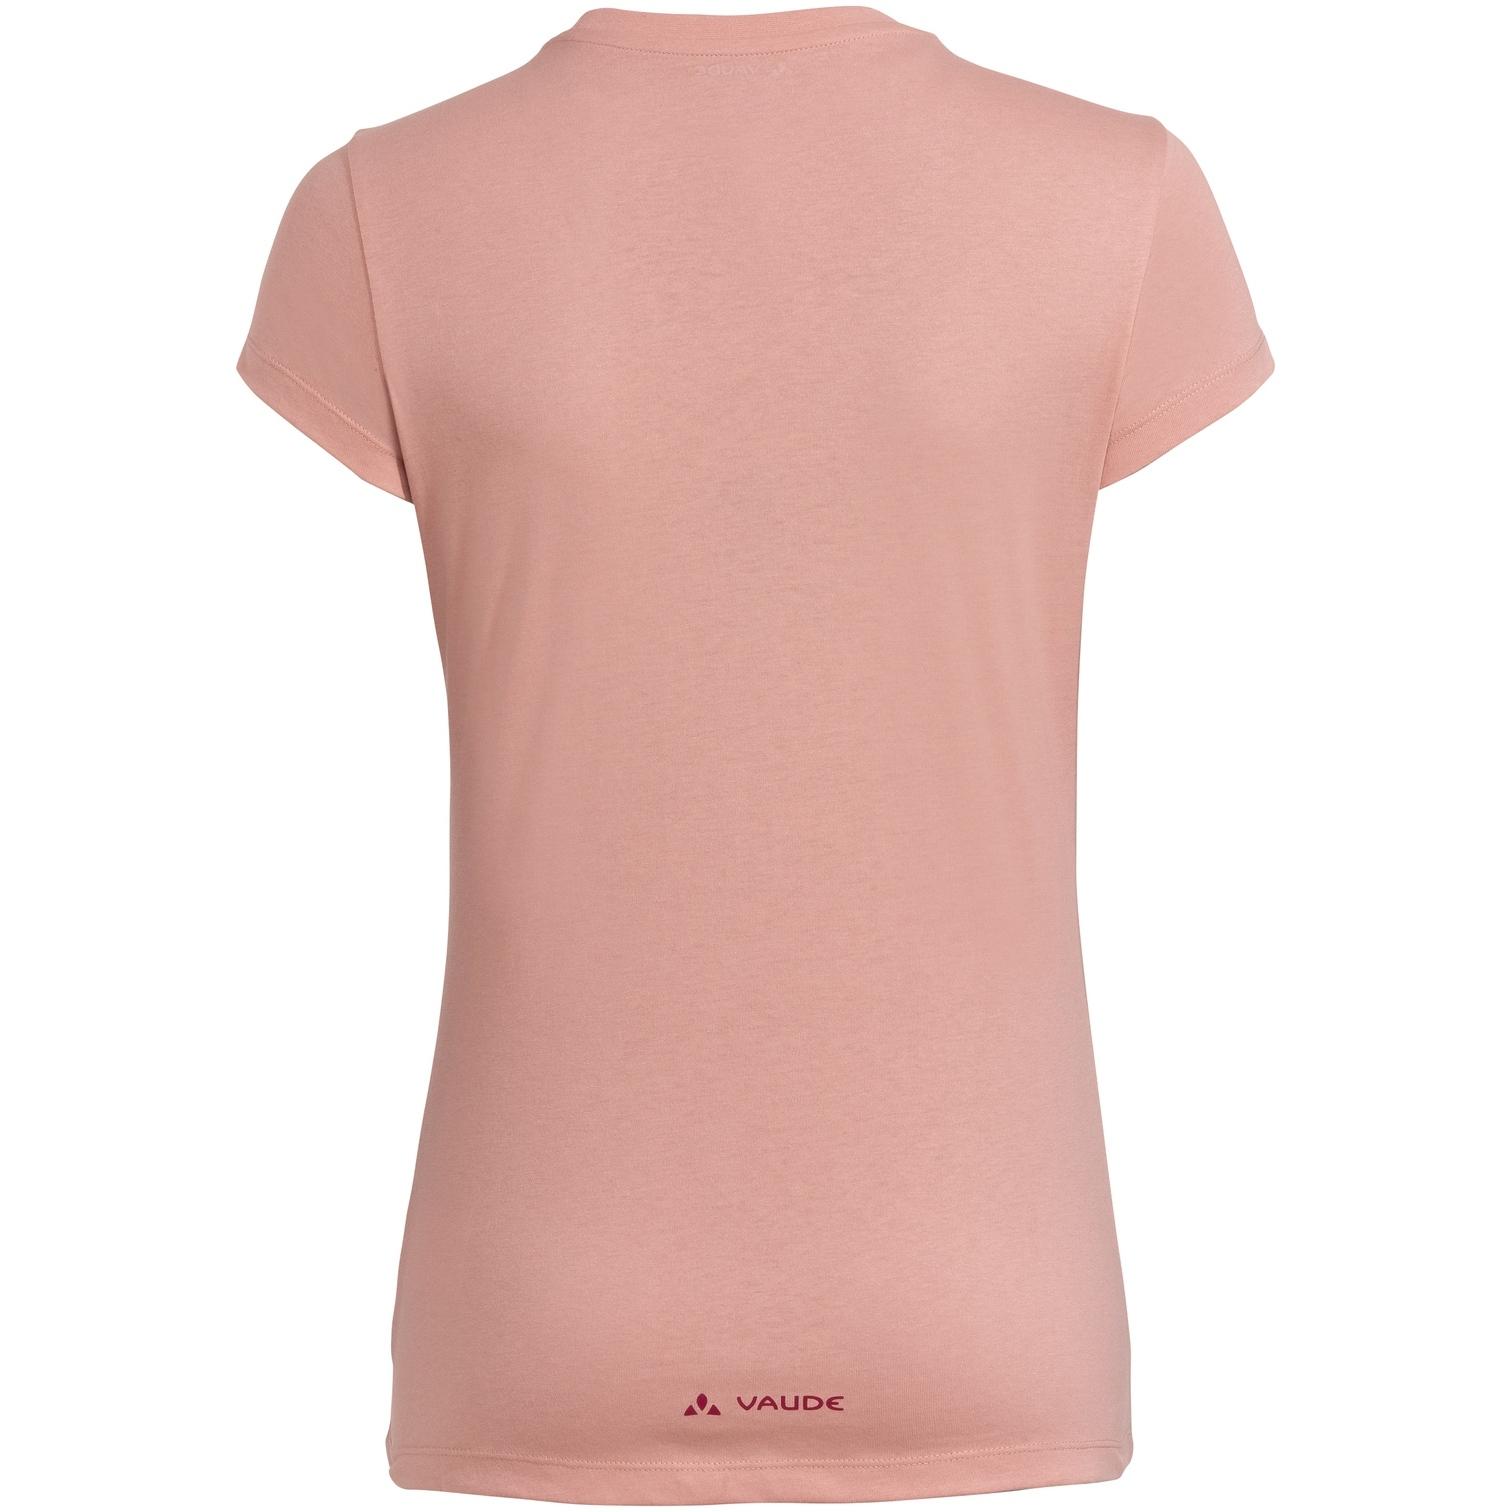 Bild von Vaude Cyclist Damen T-Shirt V - soft rose